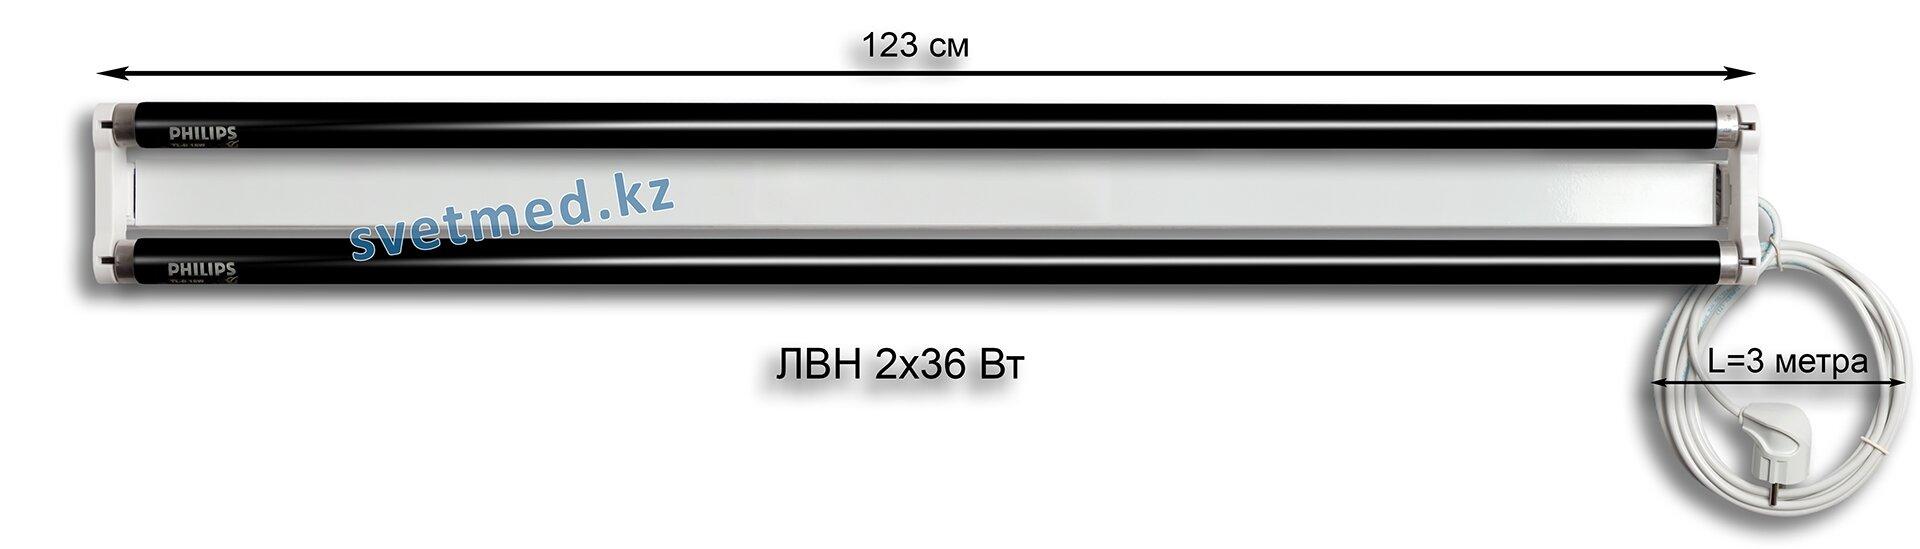 Лампа Вуда ЛВН 2х36 Вт - фото pic_4d838cdb286f7b70a5a59648f671d4f4_1920x9000_1.jpg